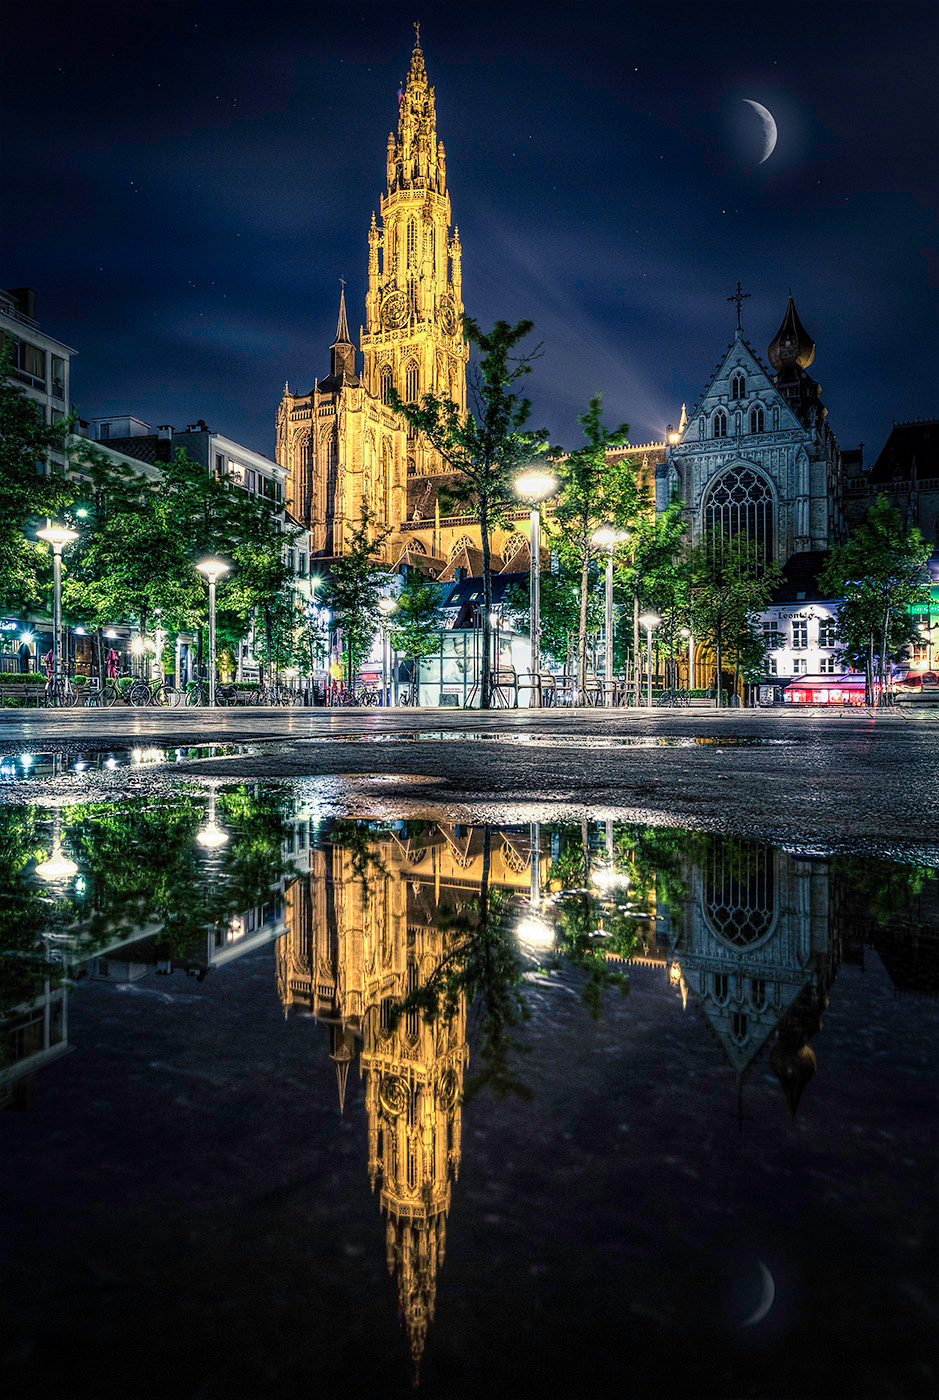 Kathedraal weerspiegeling